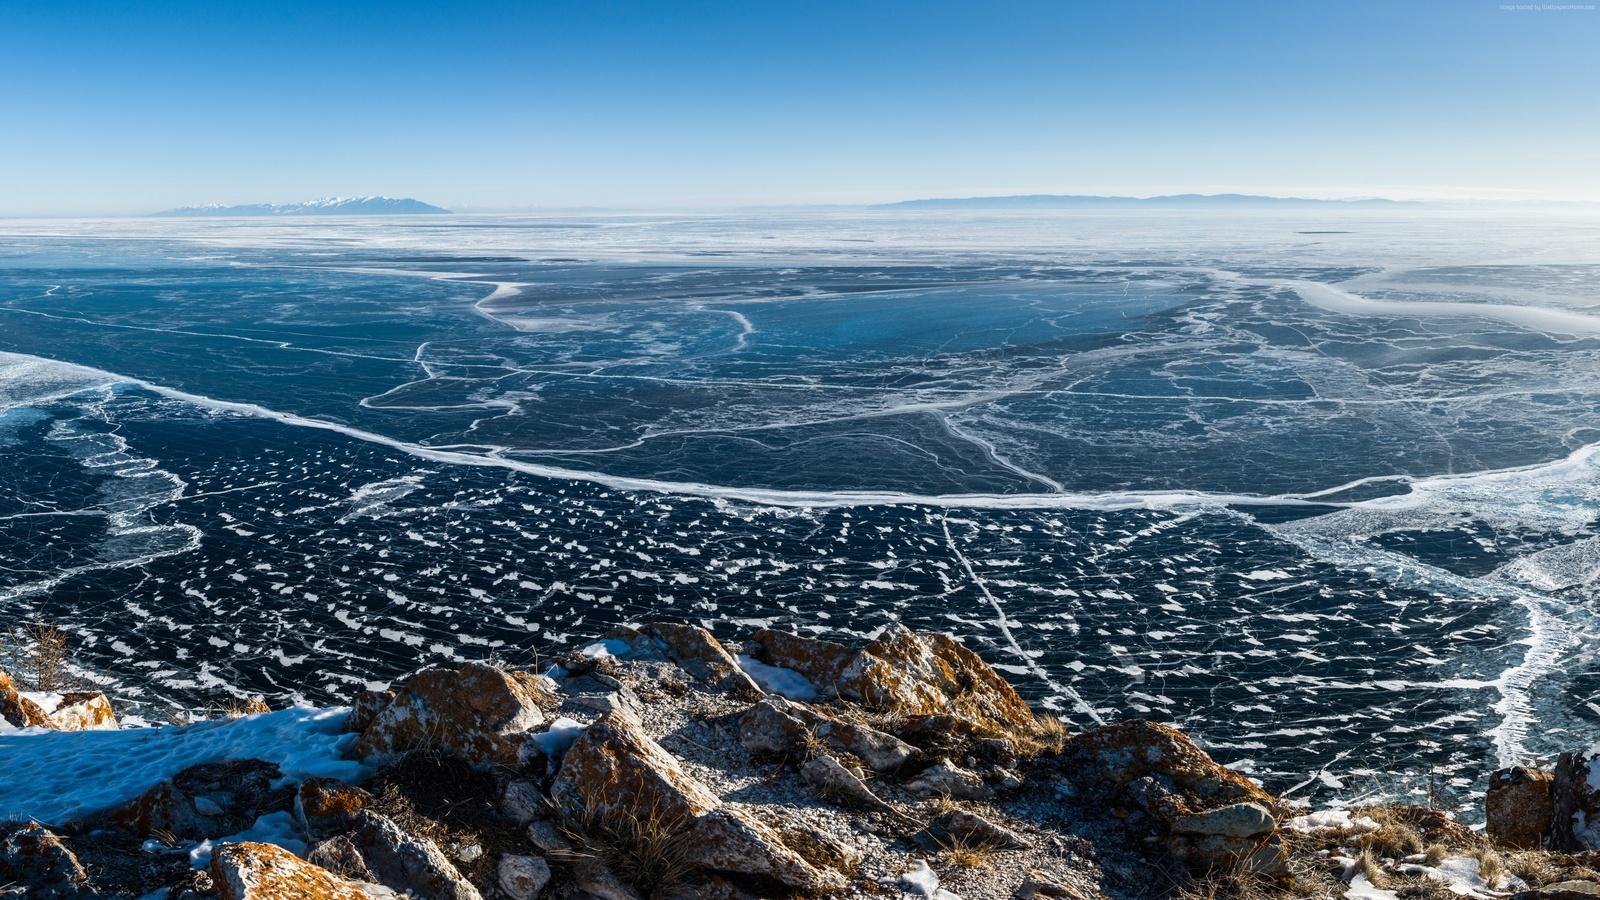 озеро, байкал, лед, lake, baikal, ice, природа